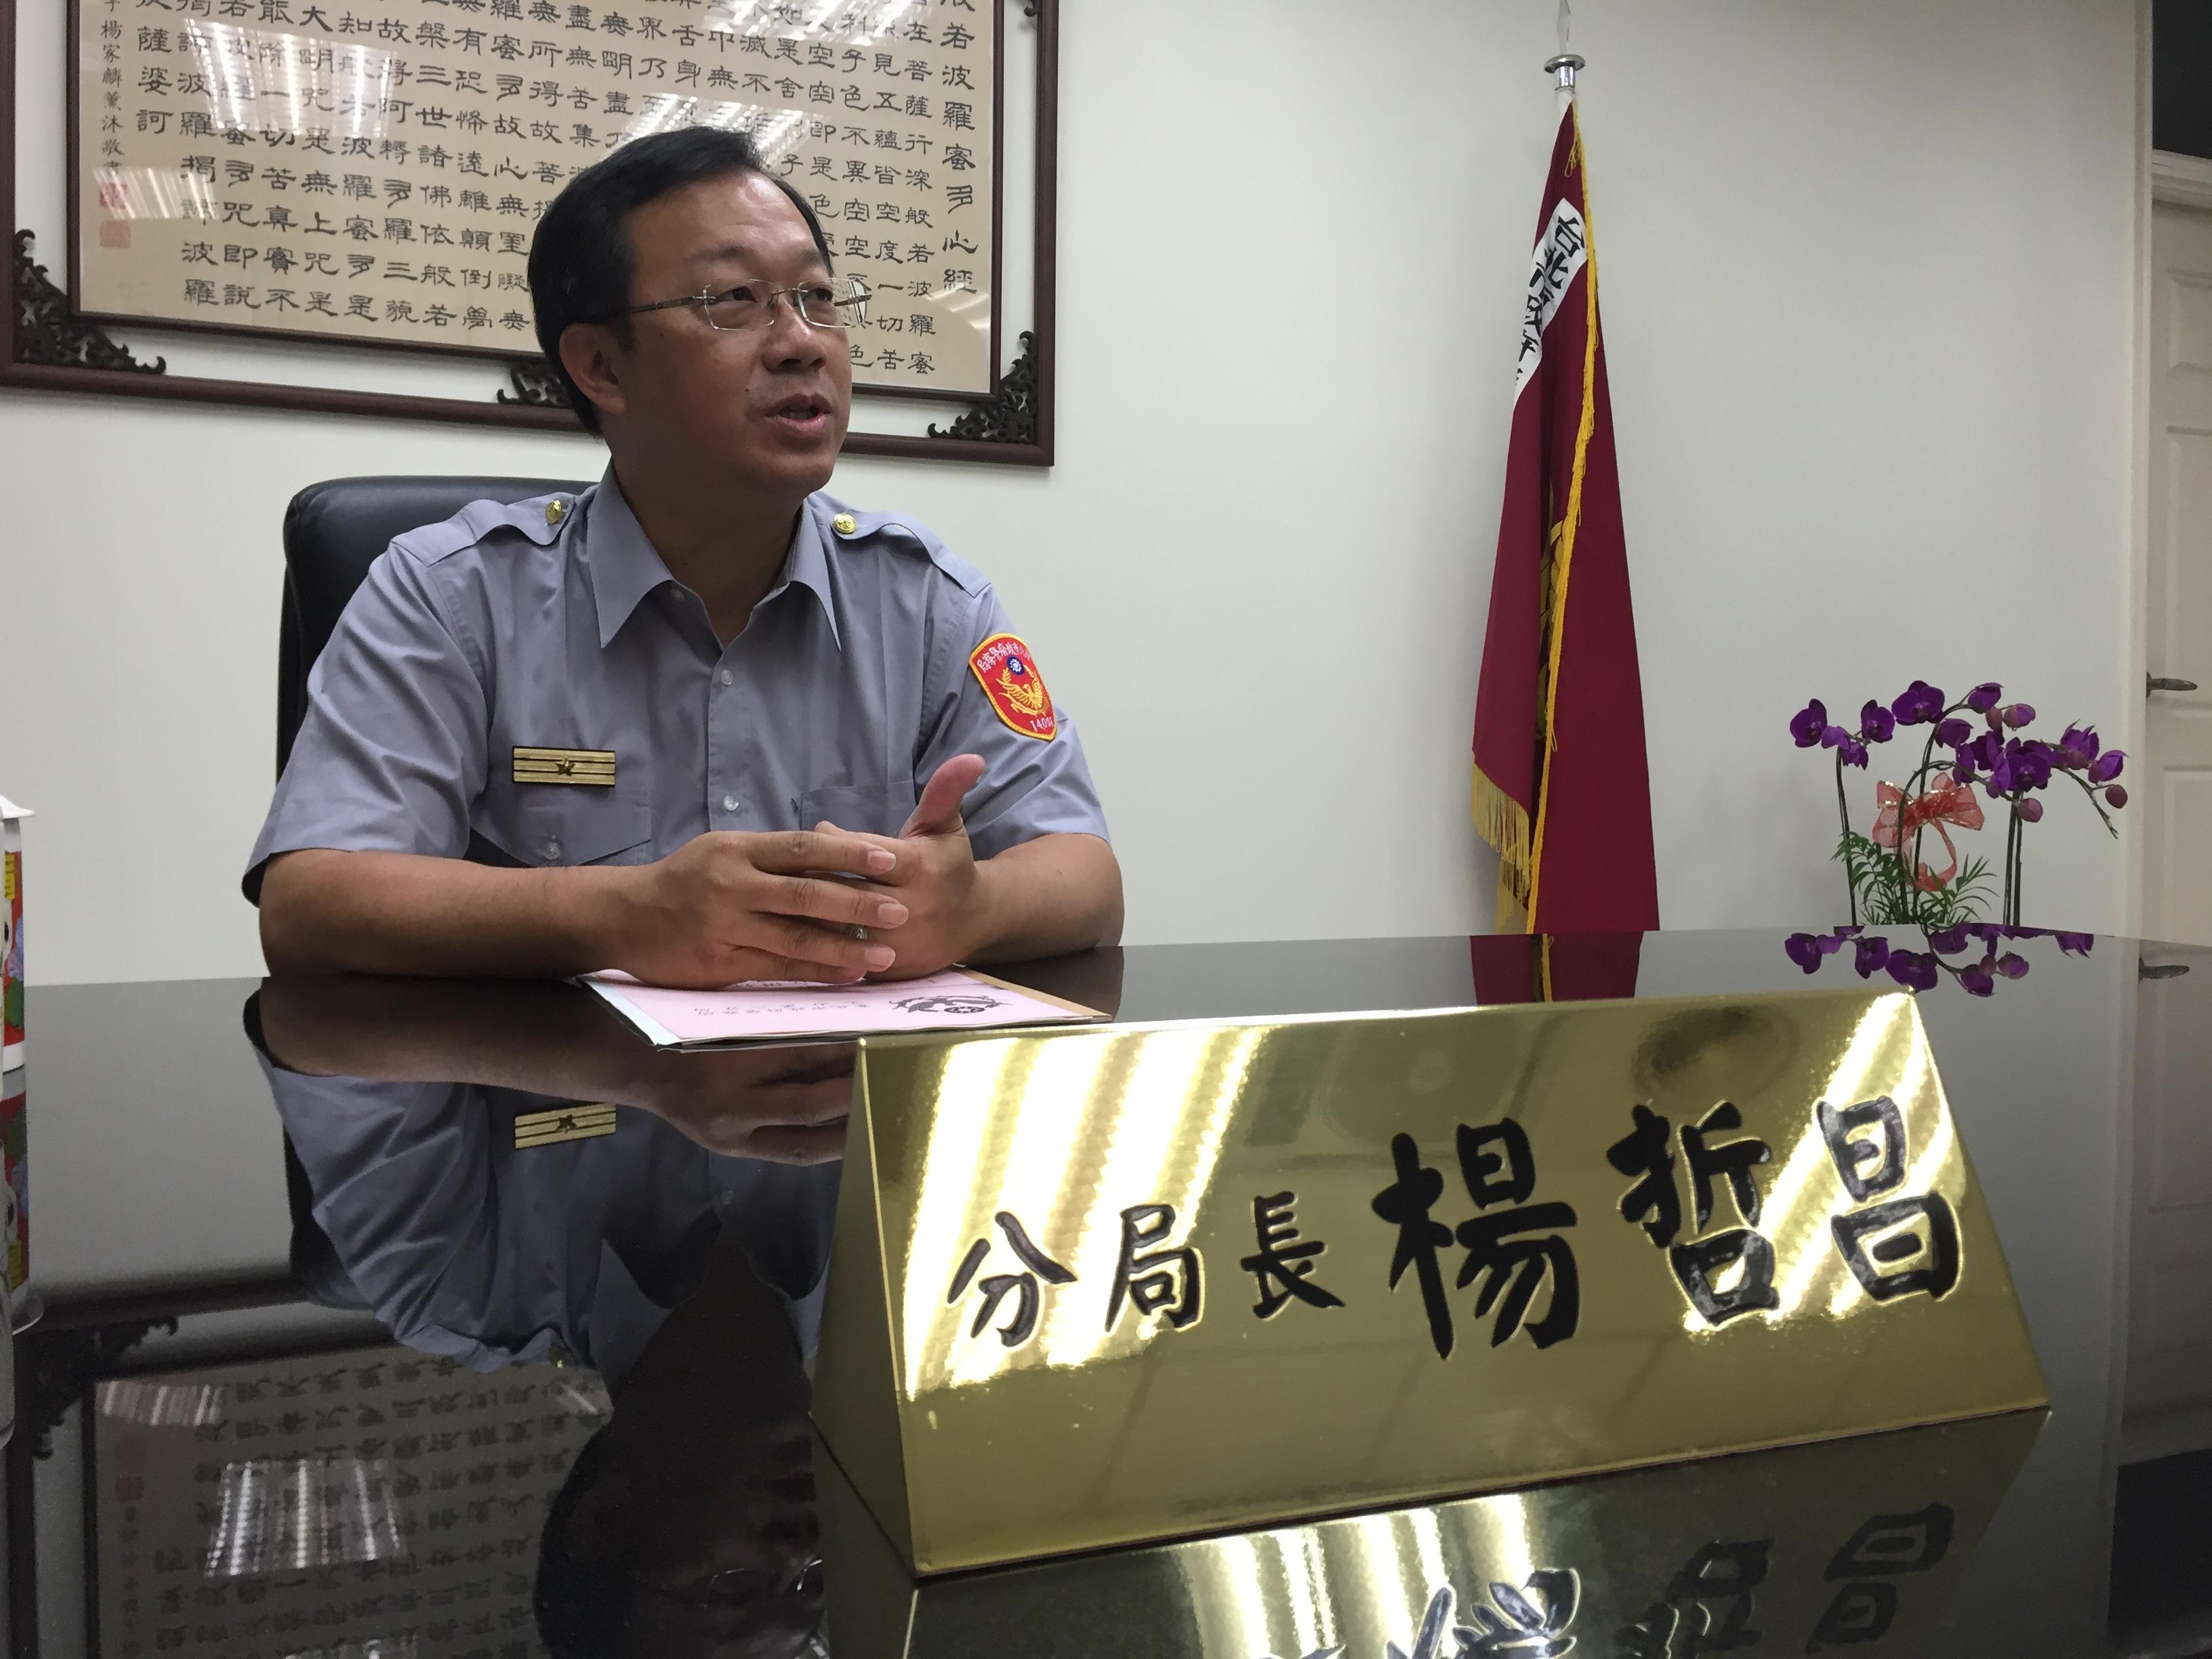 文山第二分局長表示,整合案是精用內務警力,增加外勤。攝影/布子如